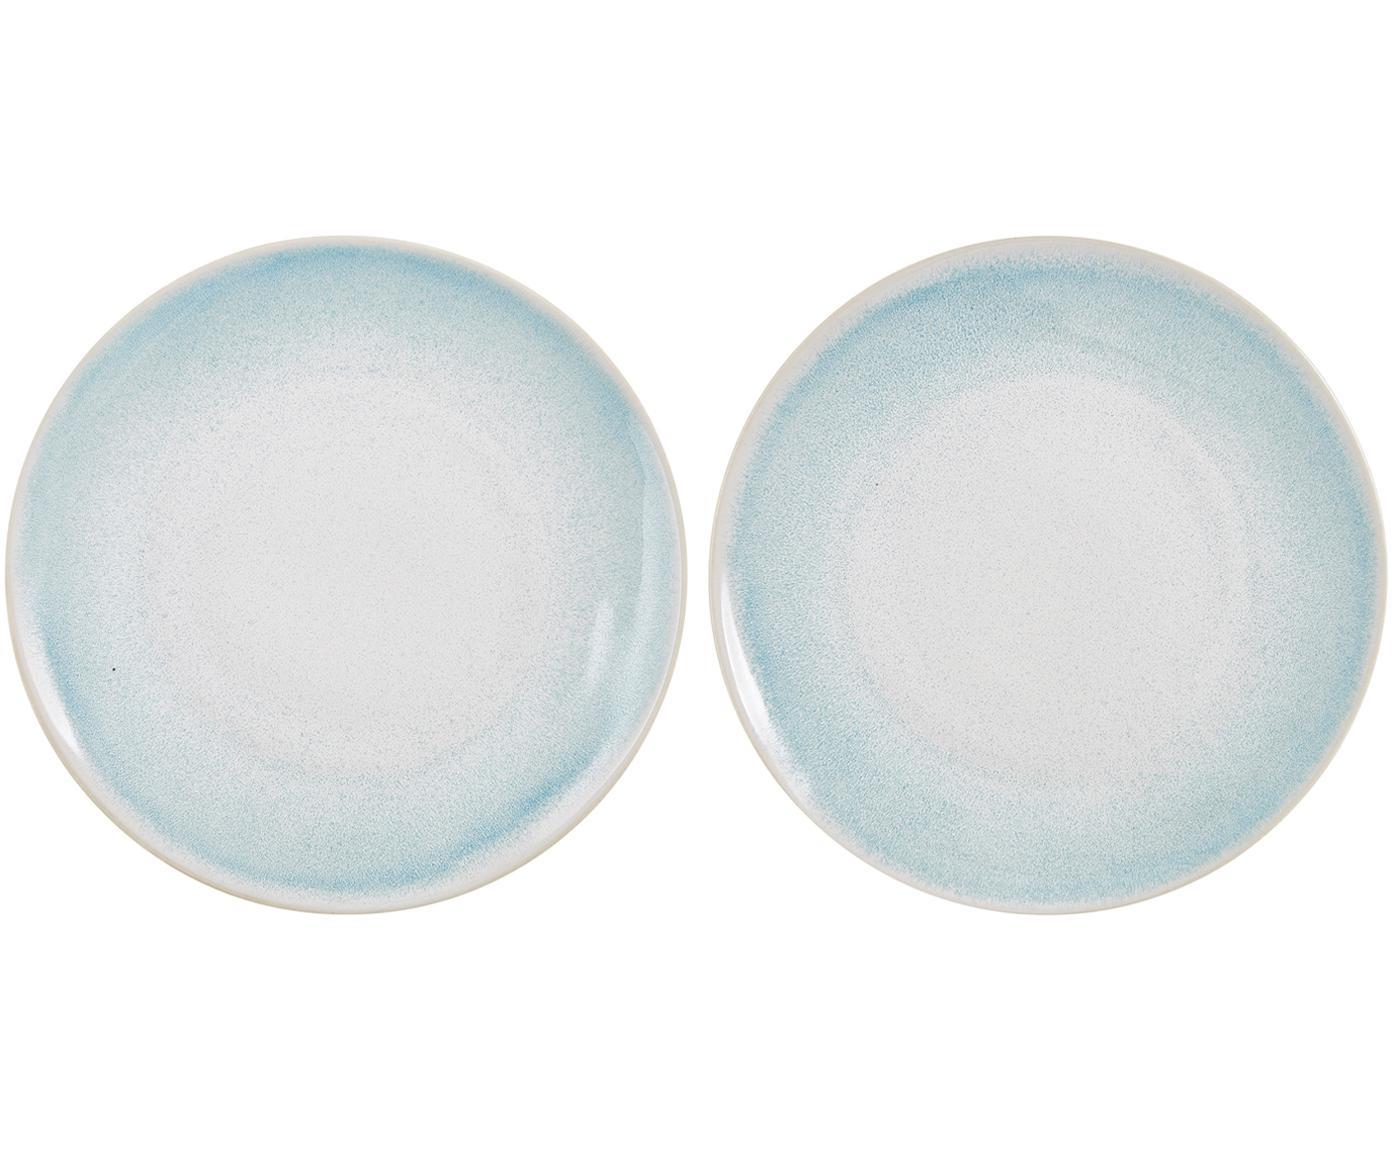 Handgemachte Speiseteller Amalia, 2 Stück, Porzellan, Hellblau, Cremeweiß, Ø 25 cm